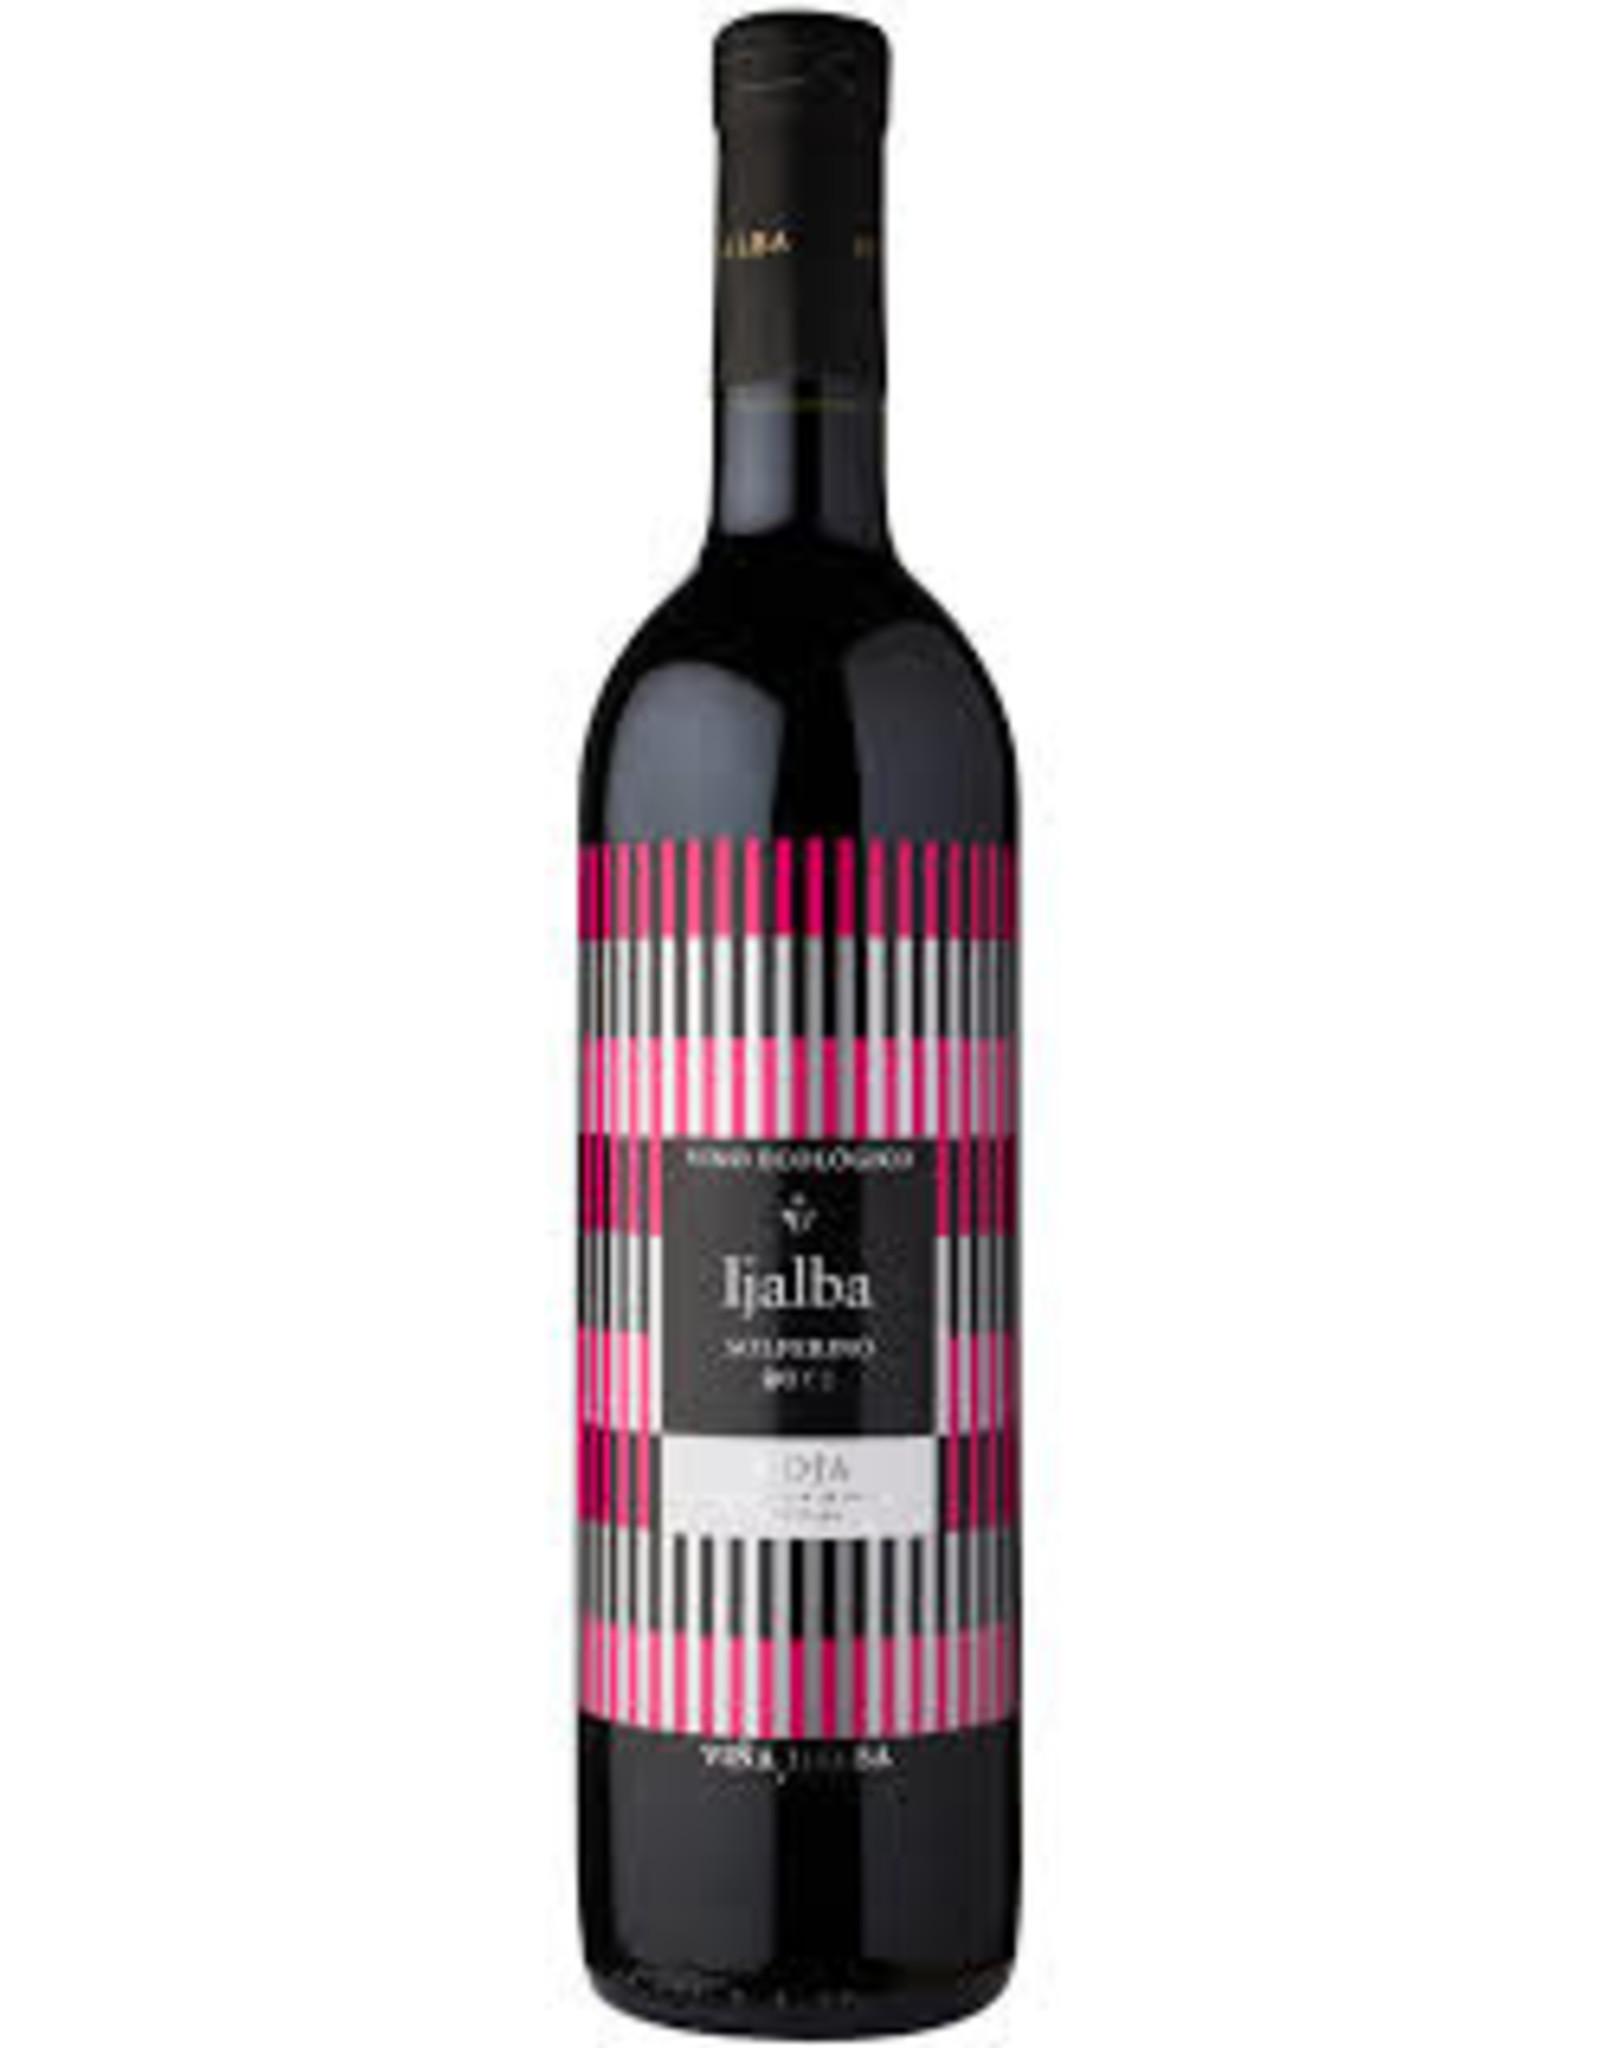 Ijalba Solferino Rioja